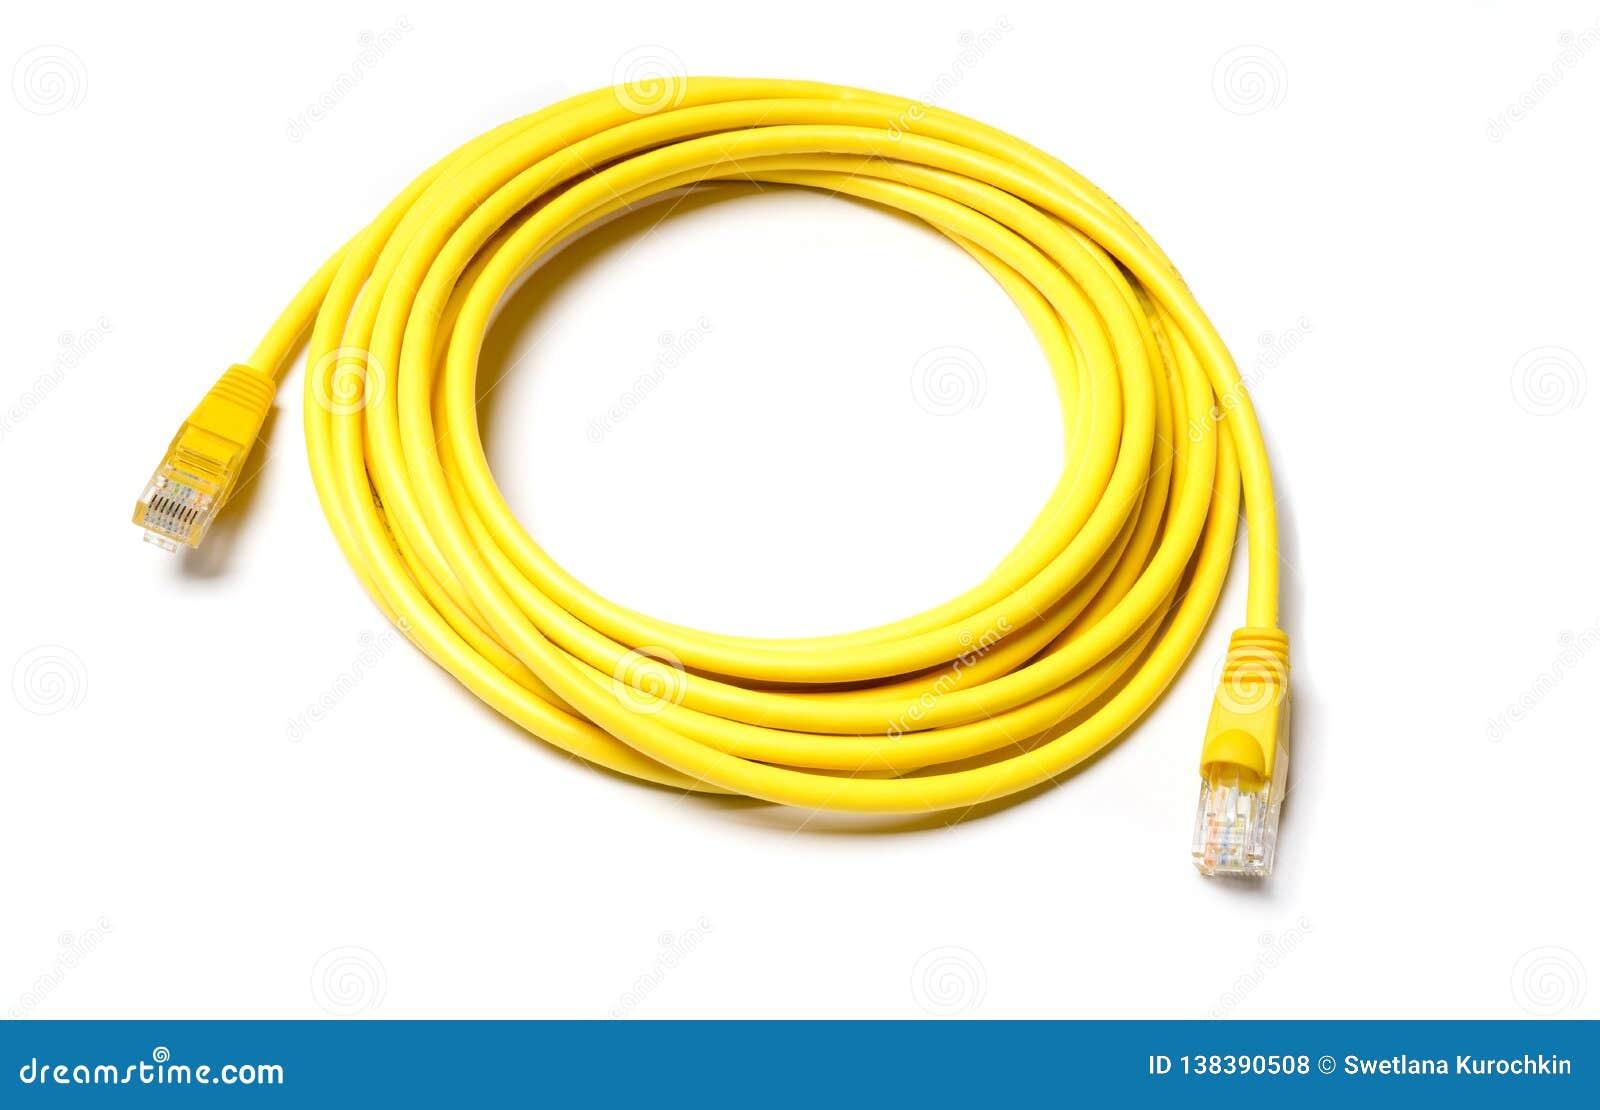 Cavo giallo di Internet del cavo di toppa su fondo bianco